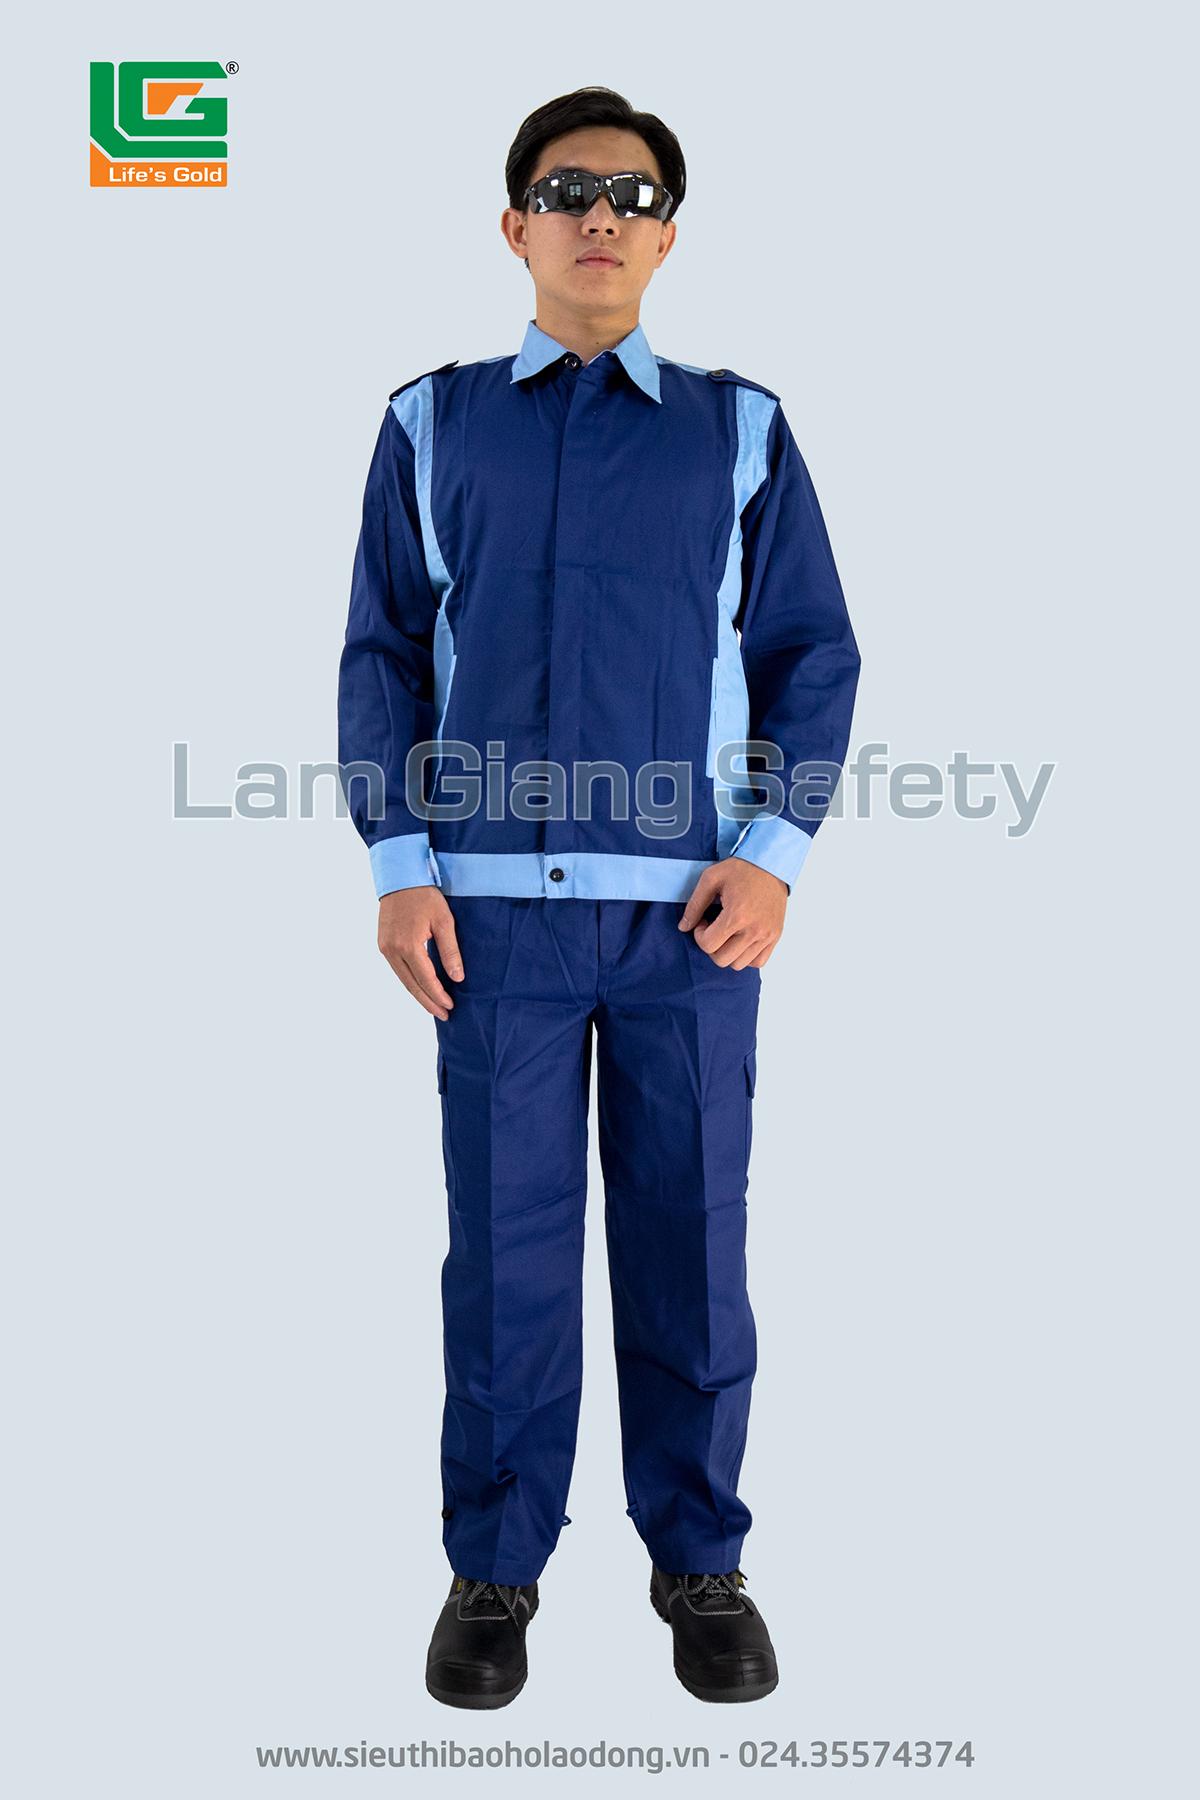 Bộ kaki chất liệu vải pangim Hàn Quốc pha phối xanh